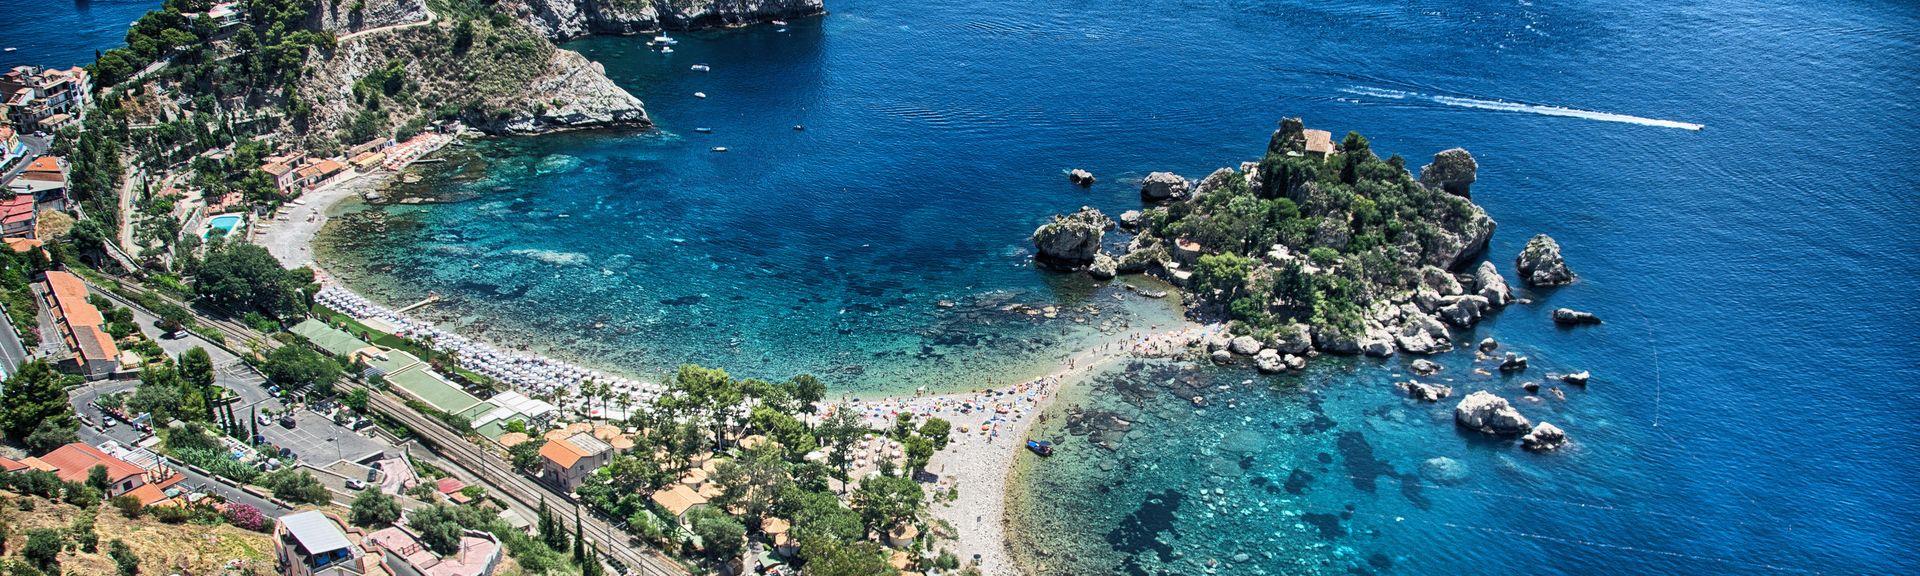 Taormina, Sisilia, Italia